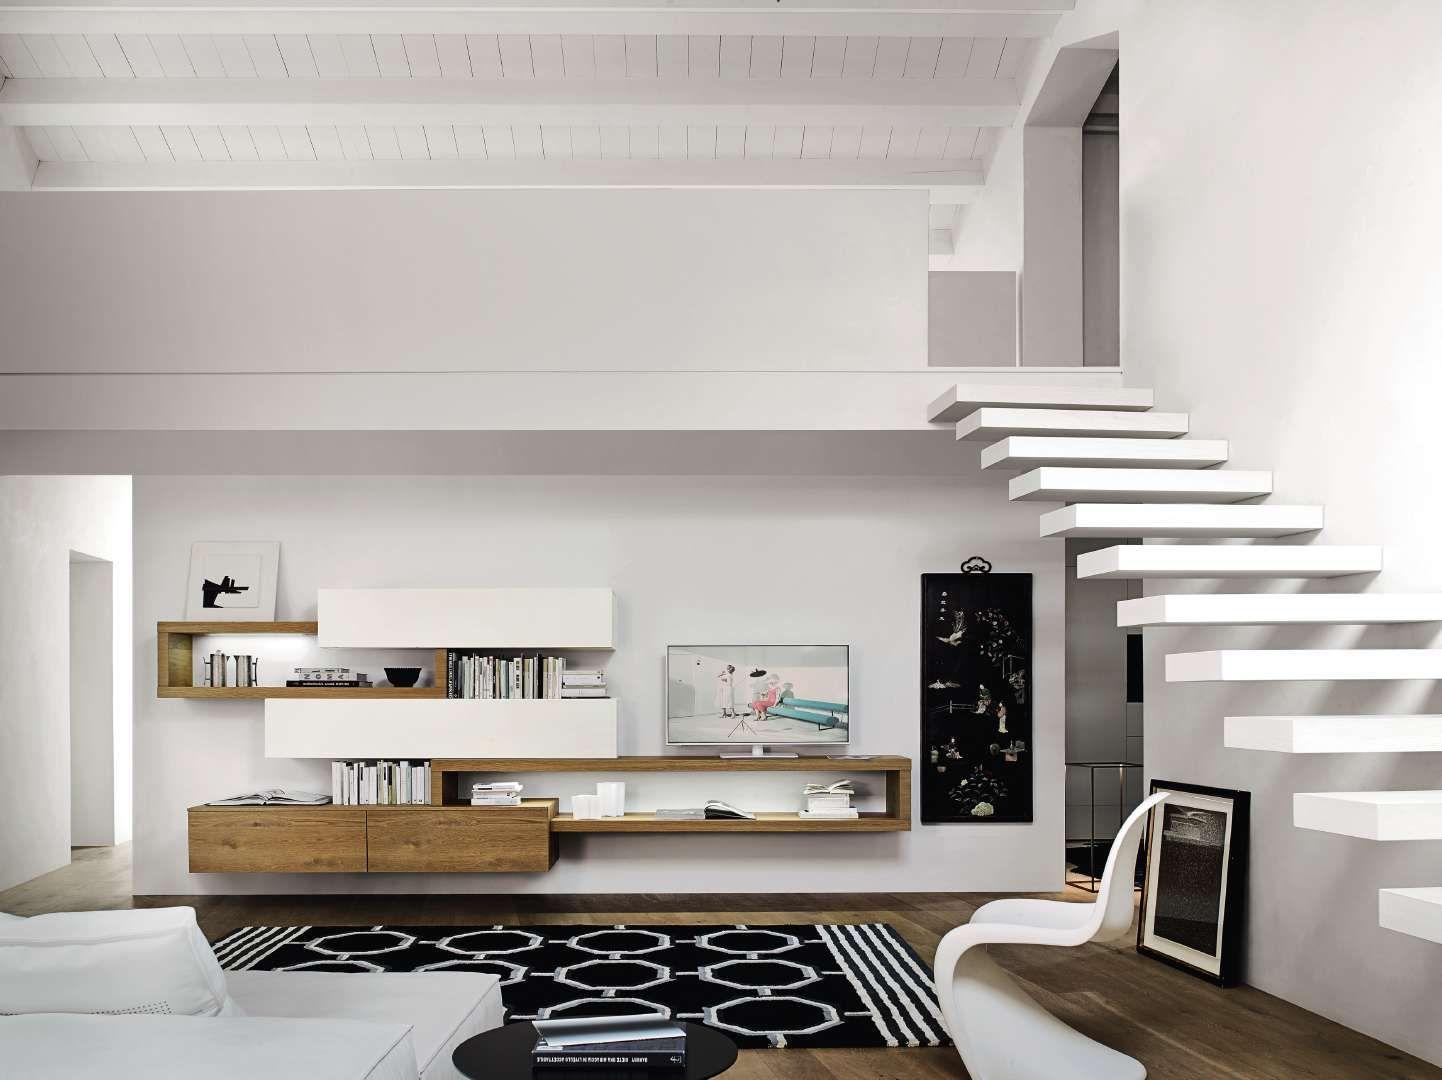 Wohnzimmer Ohne Sofa Einrichten 20 Ideen Und Sitz Alternativen ...